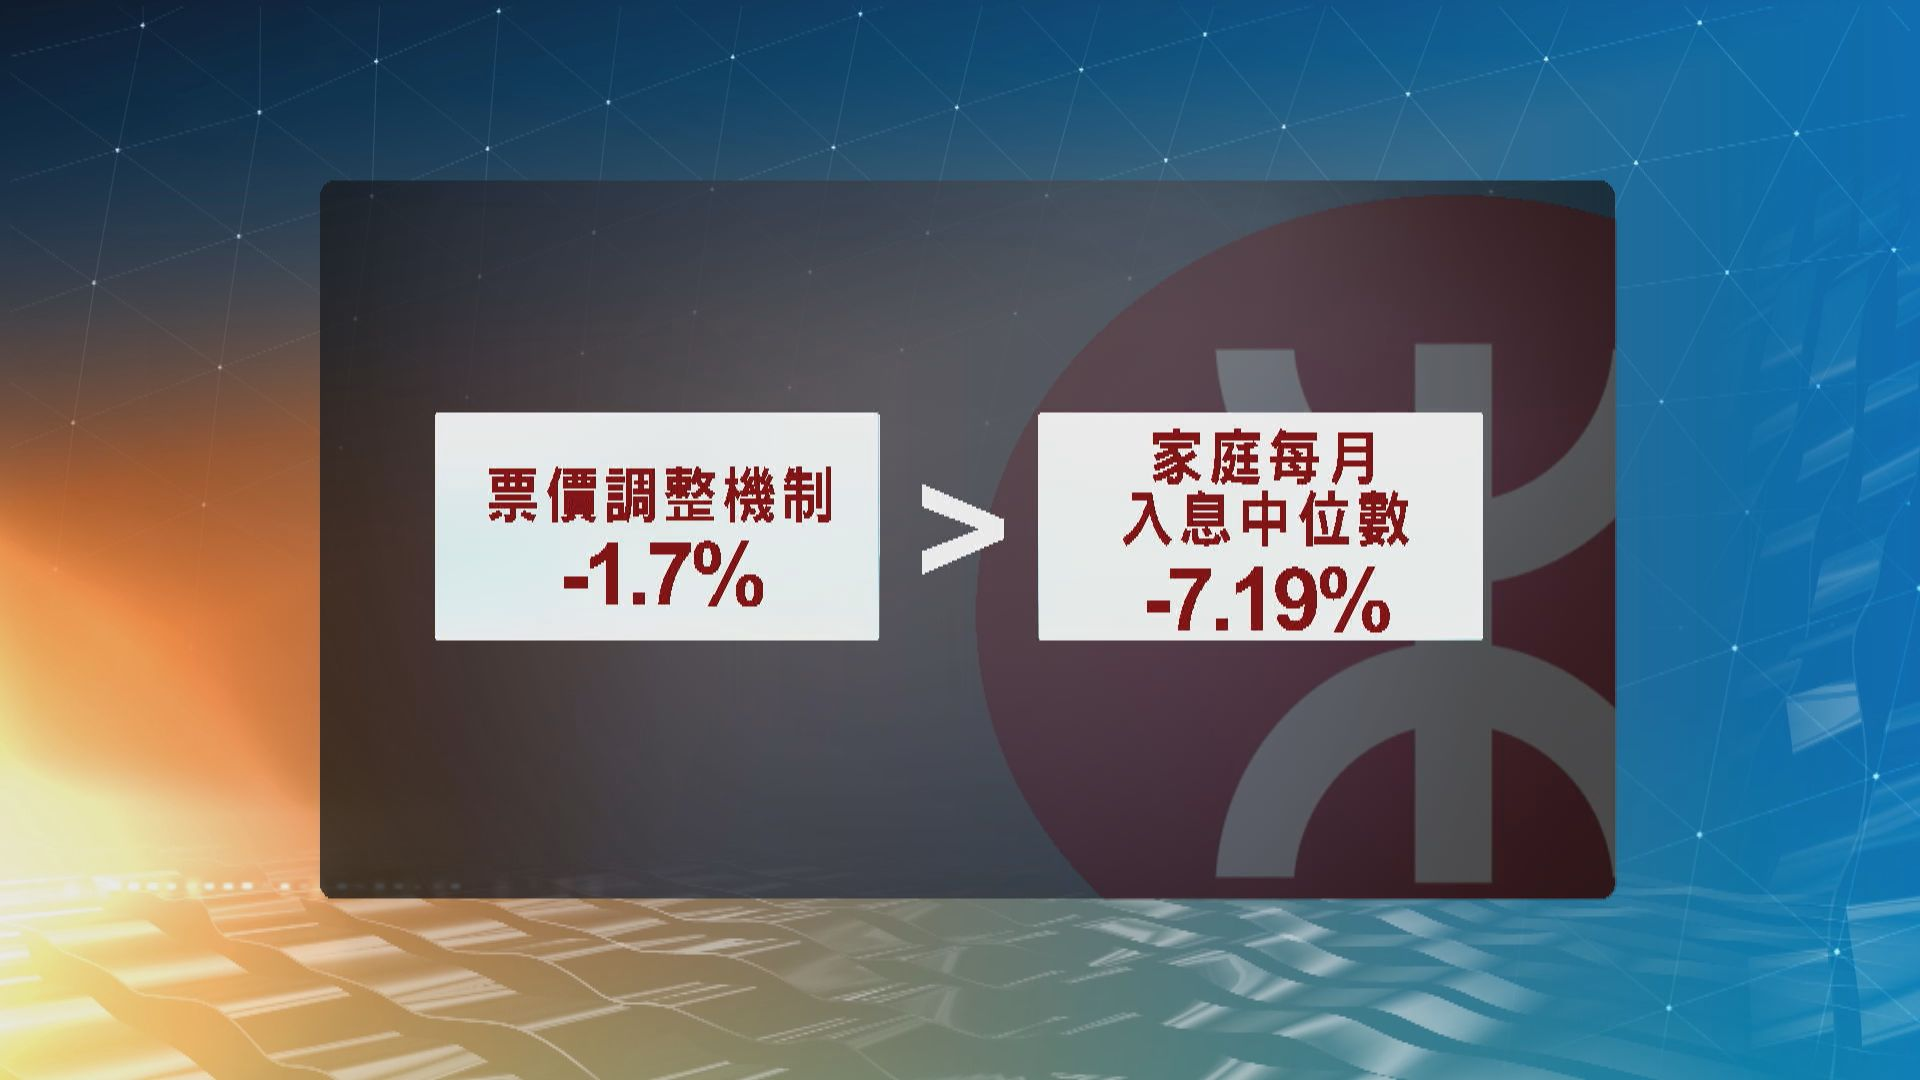 港鐵六月減價1.7% 八折優惠月底結束以九五折取代